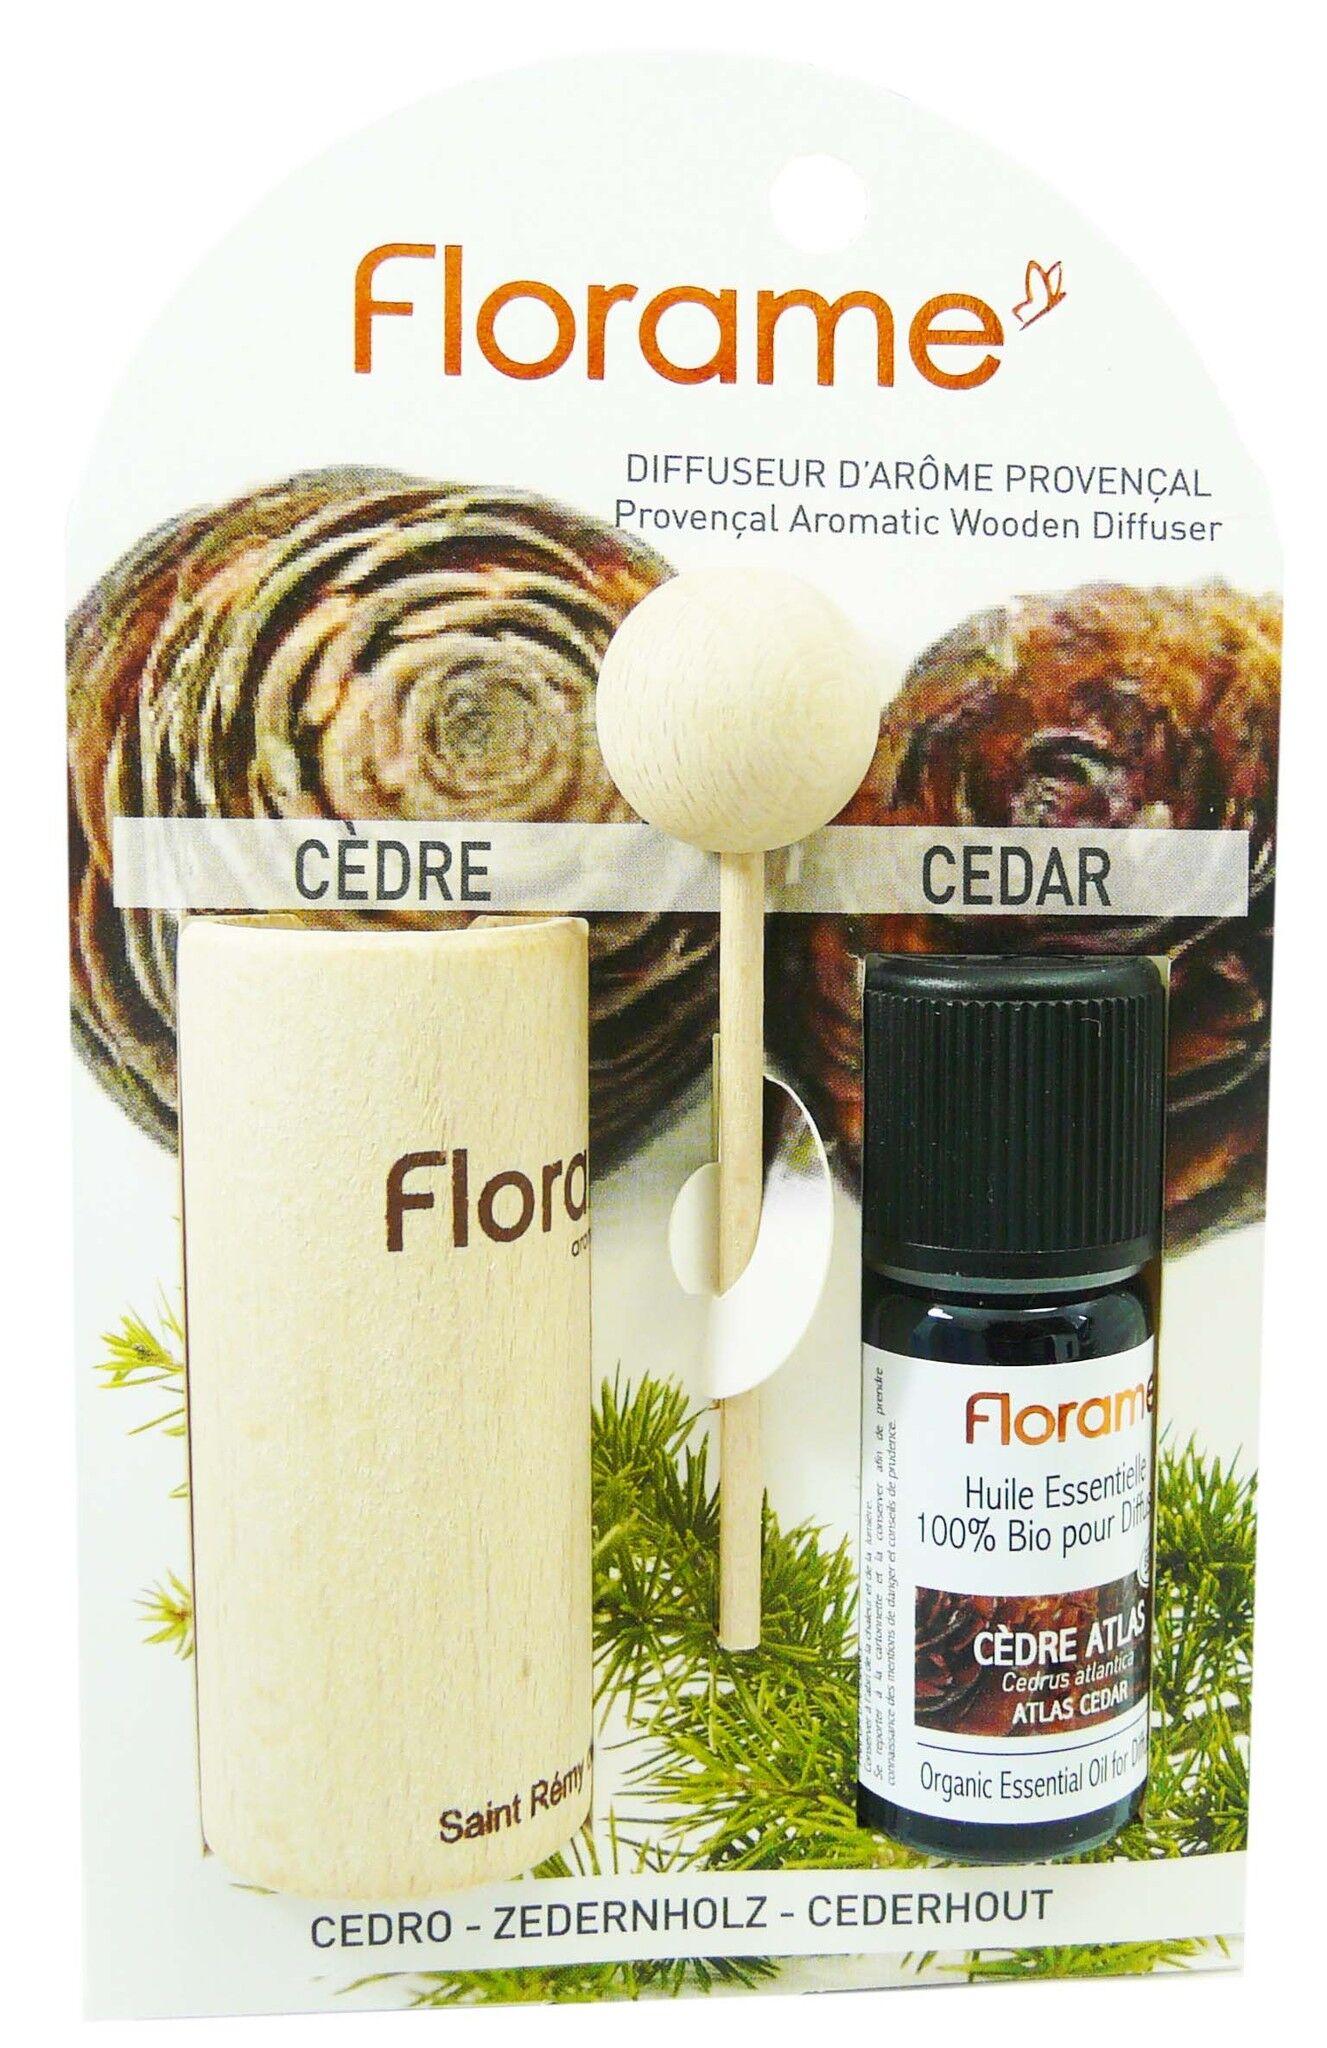 Florame diffuseur d'arome provencal cedre